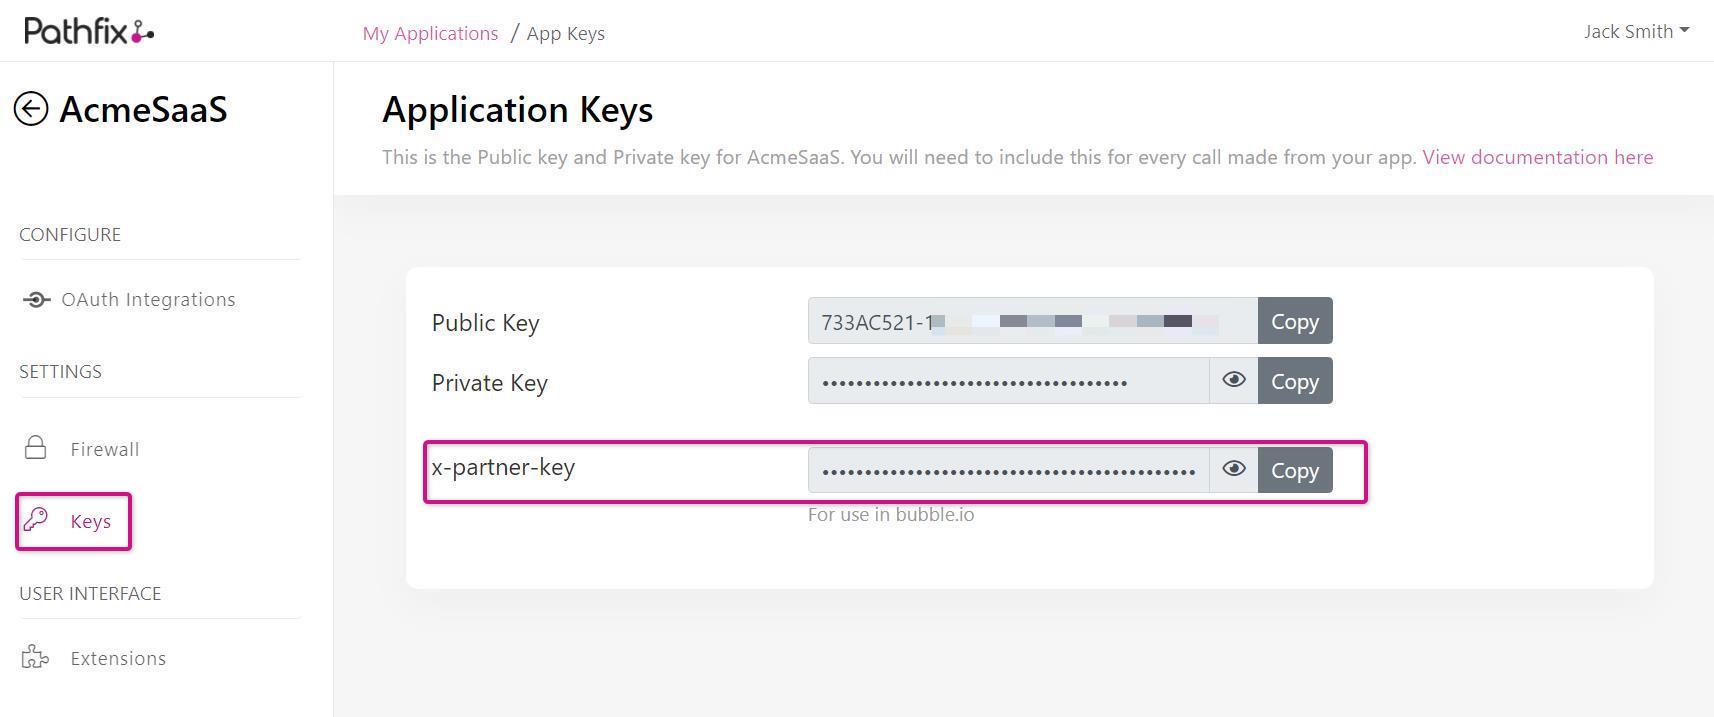 Image: x-partner-key